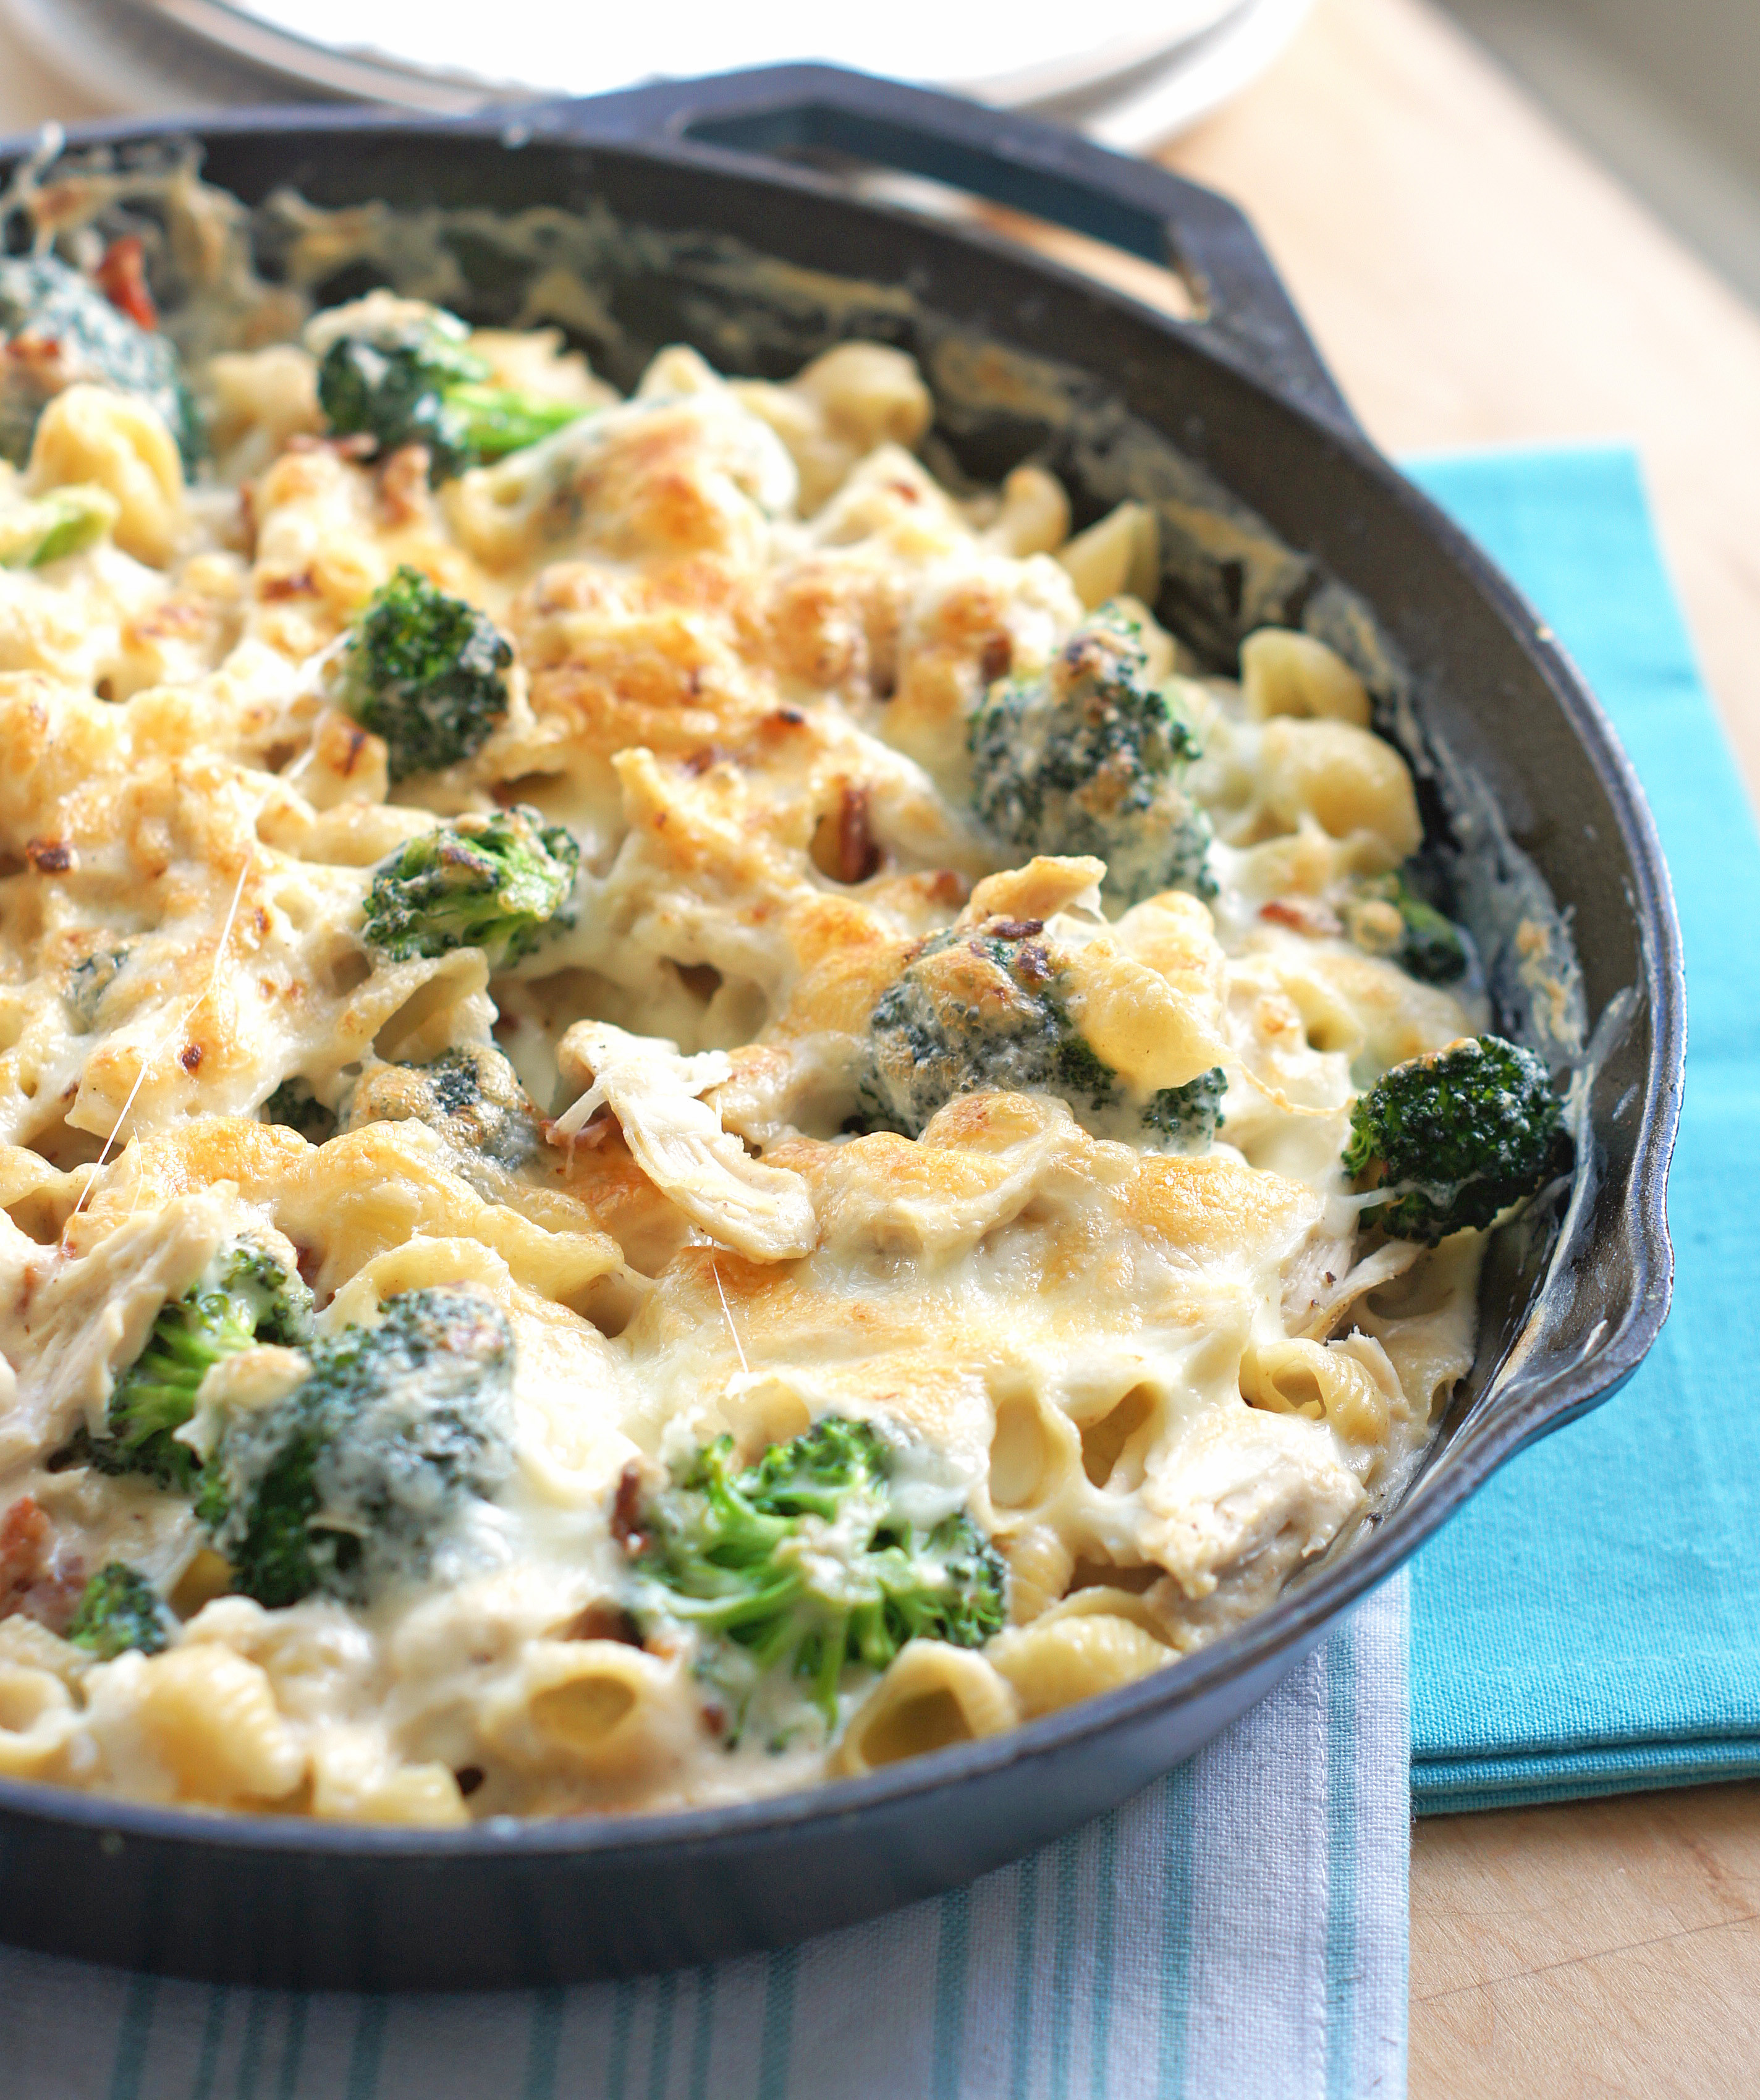 Skillet Dinner Recipes  Chicken & Broccoli Skillet Casserole 5 Boys Baker